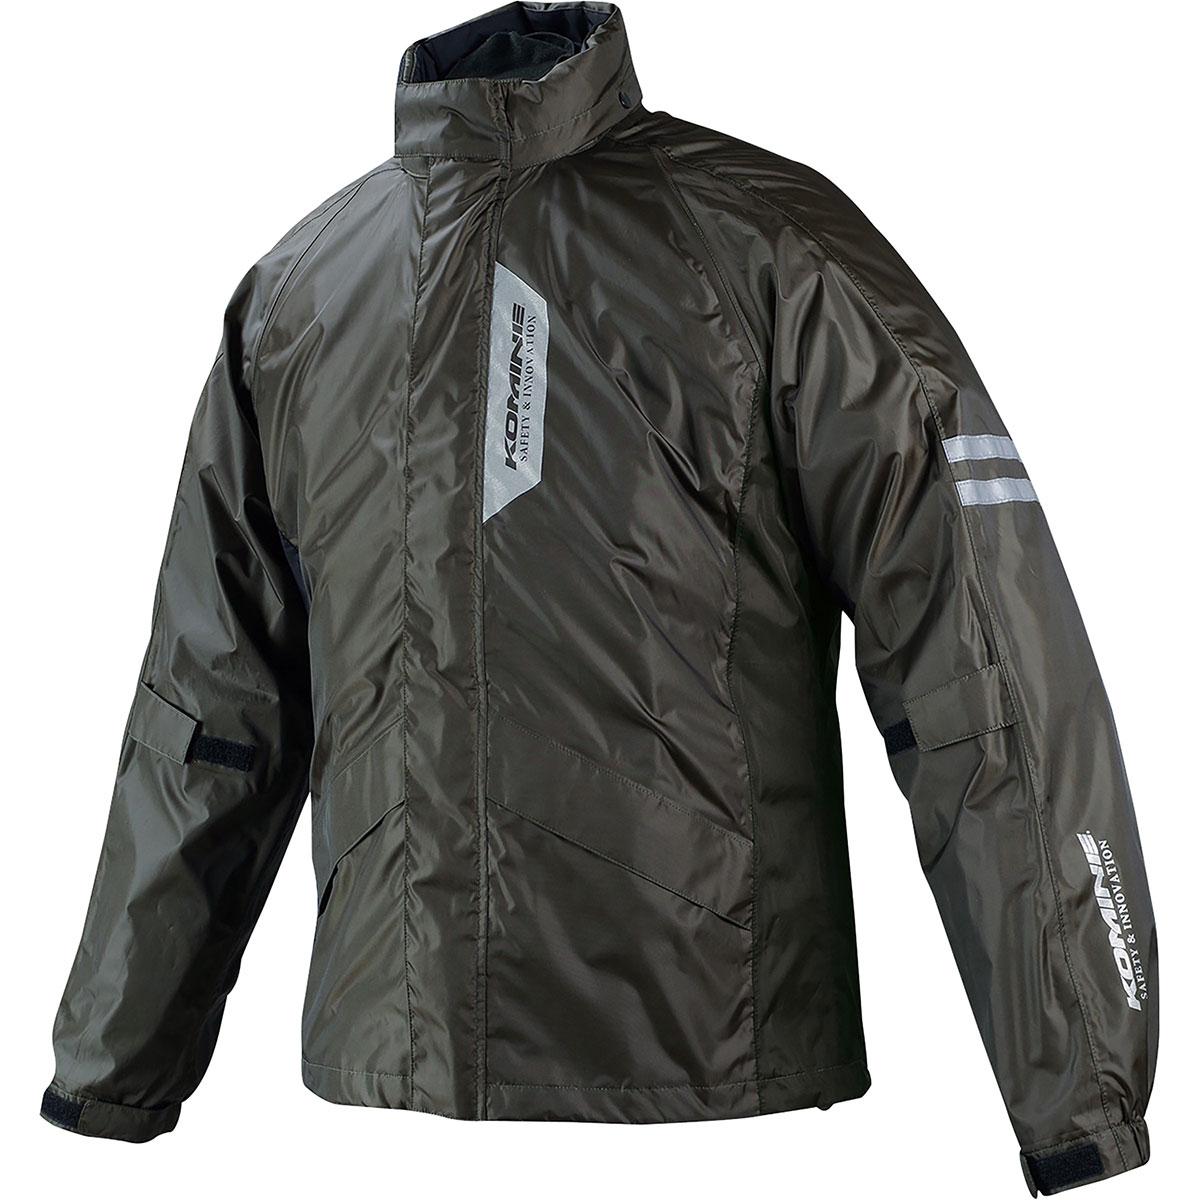 コミネ (Komine) バイク用 レインギア Rain gear RK-539 ブレスターレインウェア フィアート オリーブ Lサイズ 03-539/OL/L